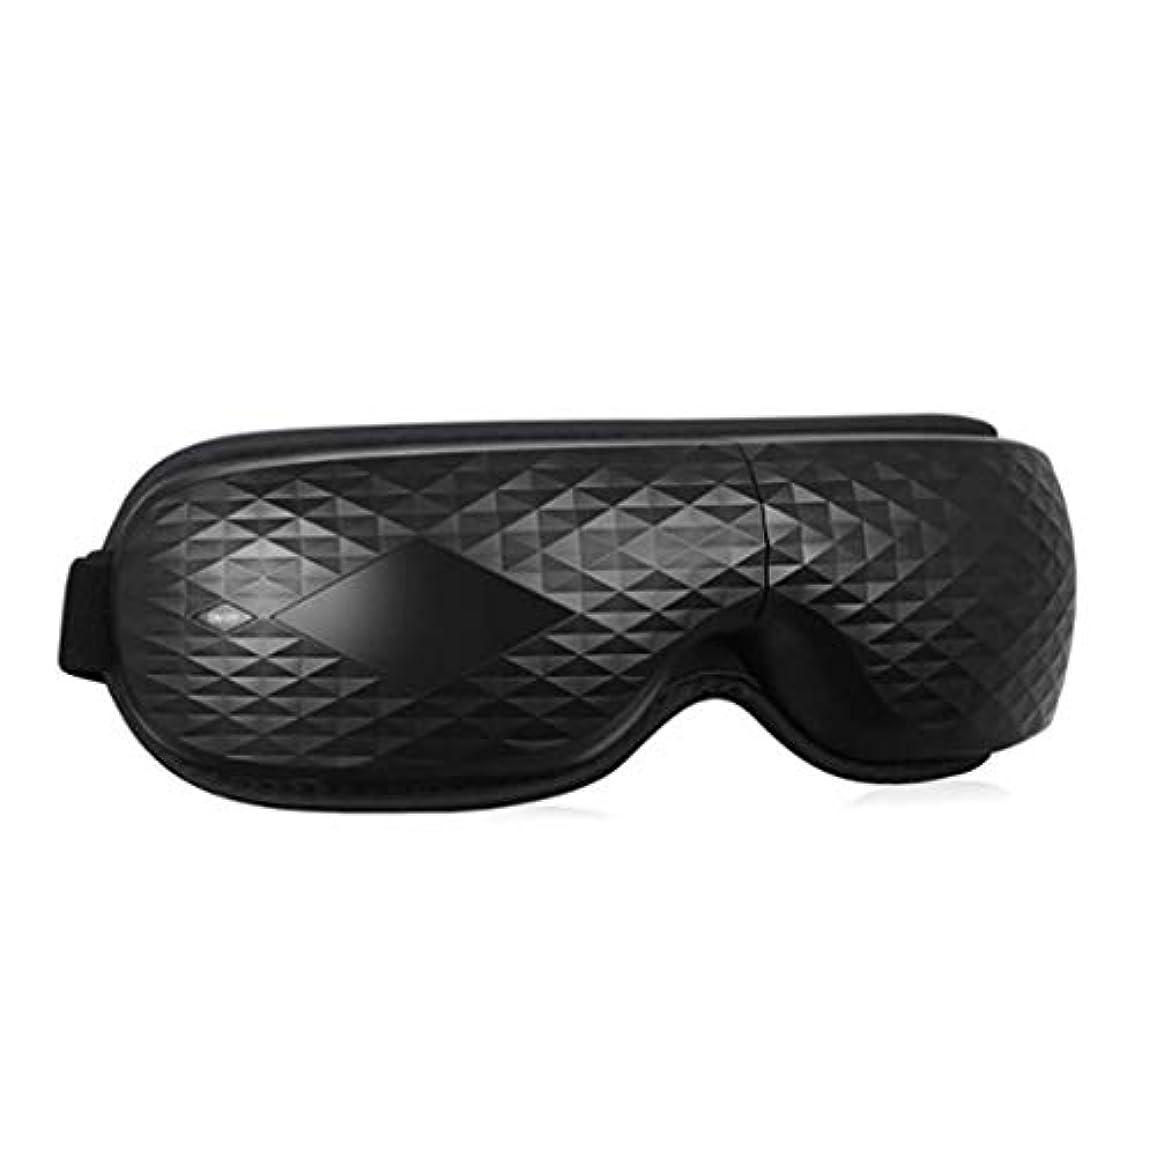 危機モデレータ濃度アイマッサージャー、折り畳み式Bluetooth赤外線アイマッサージャー、5つのモードの加熱/振動/空気圧縮と音楽、SPA眼科治療機器、疲労と痛みの軽減、睡眠の促進 (Color : Obsidian)